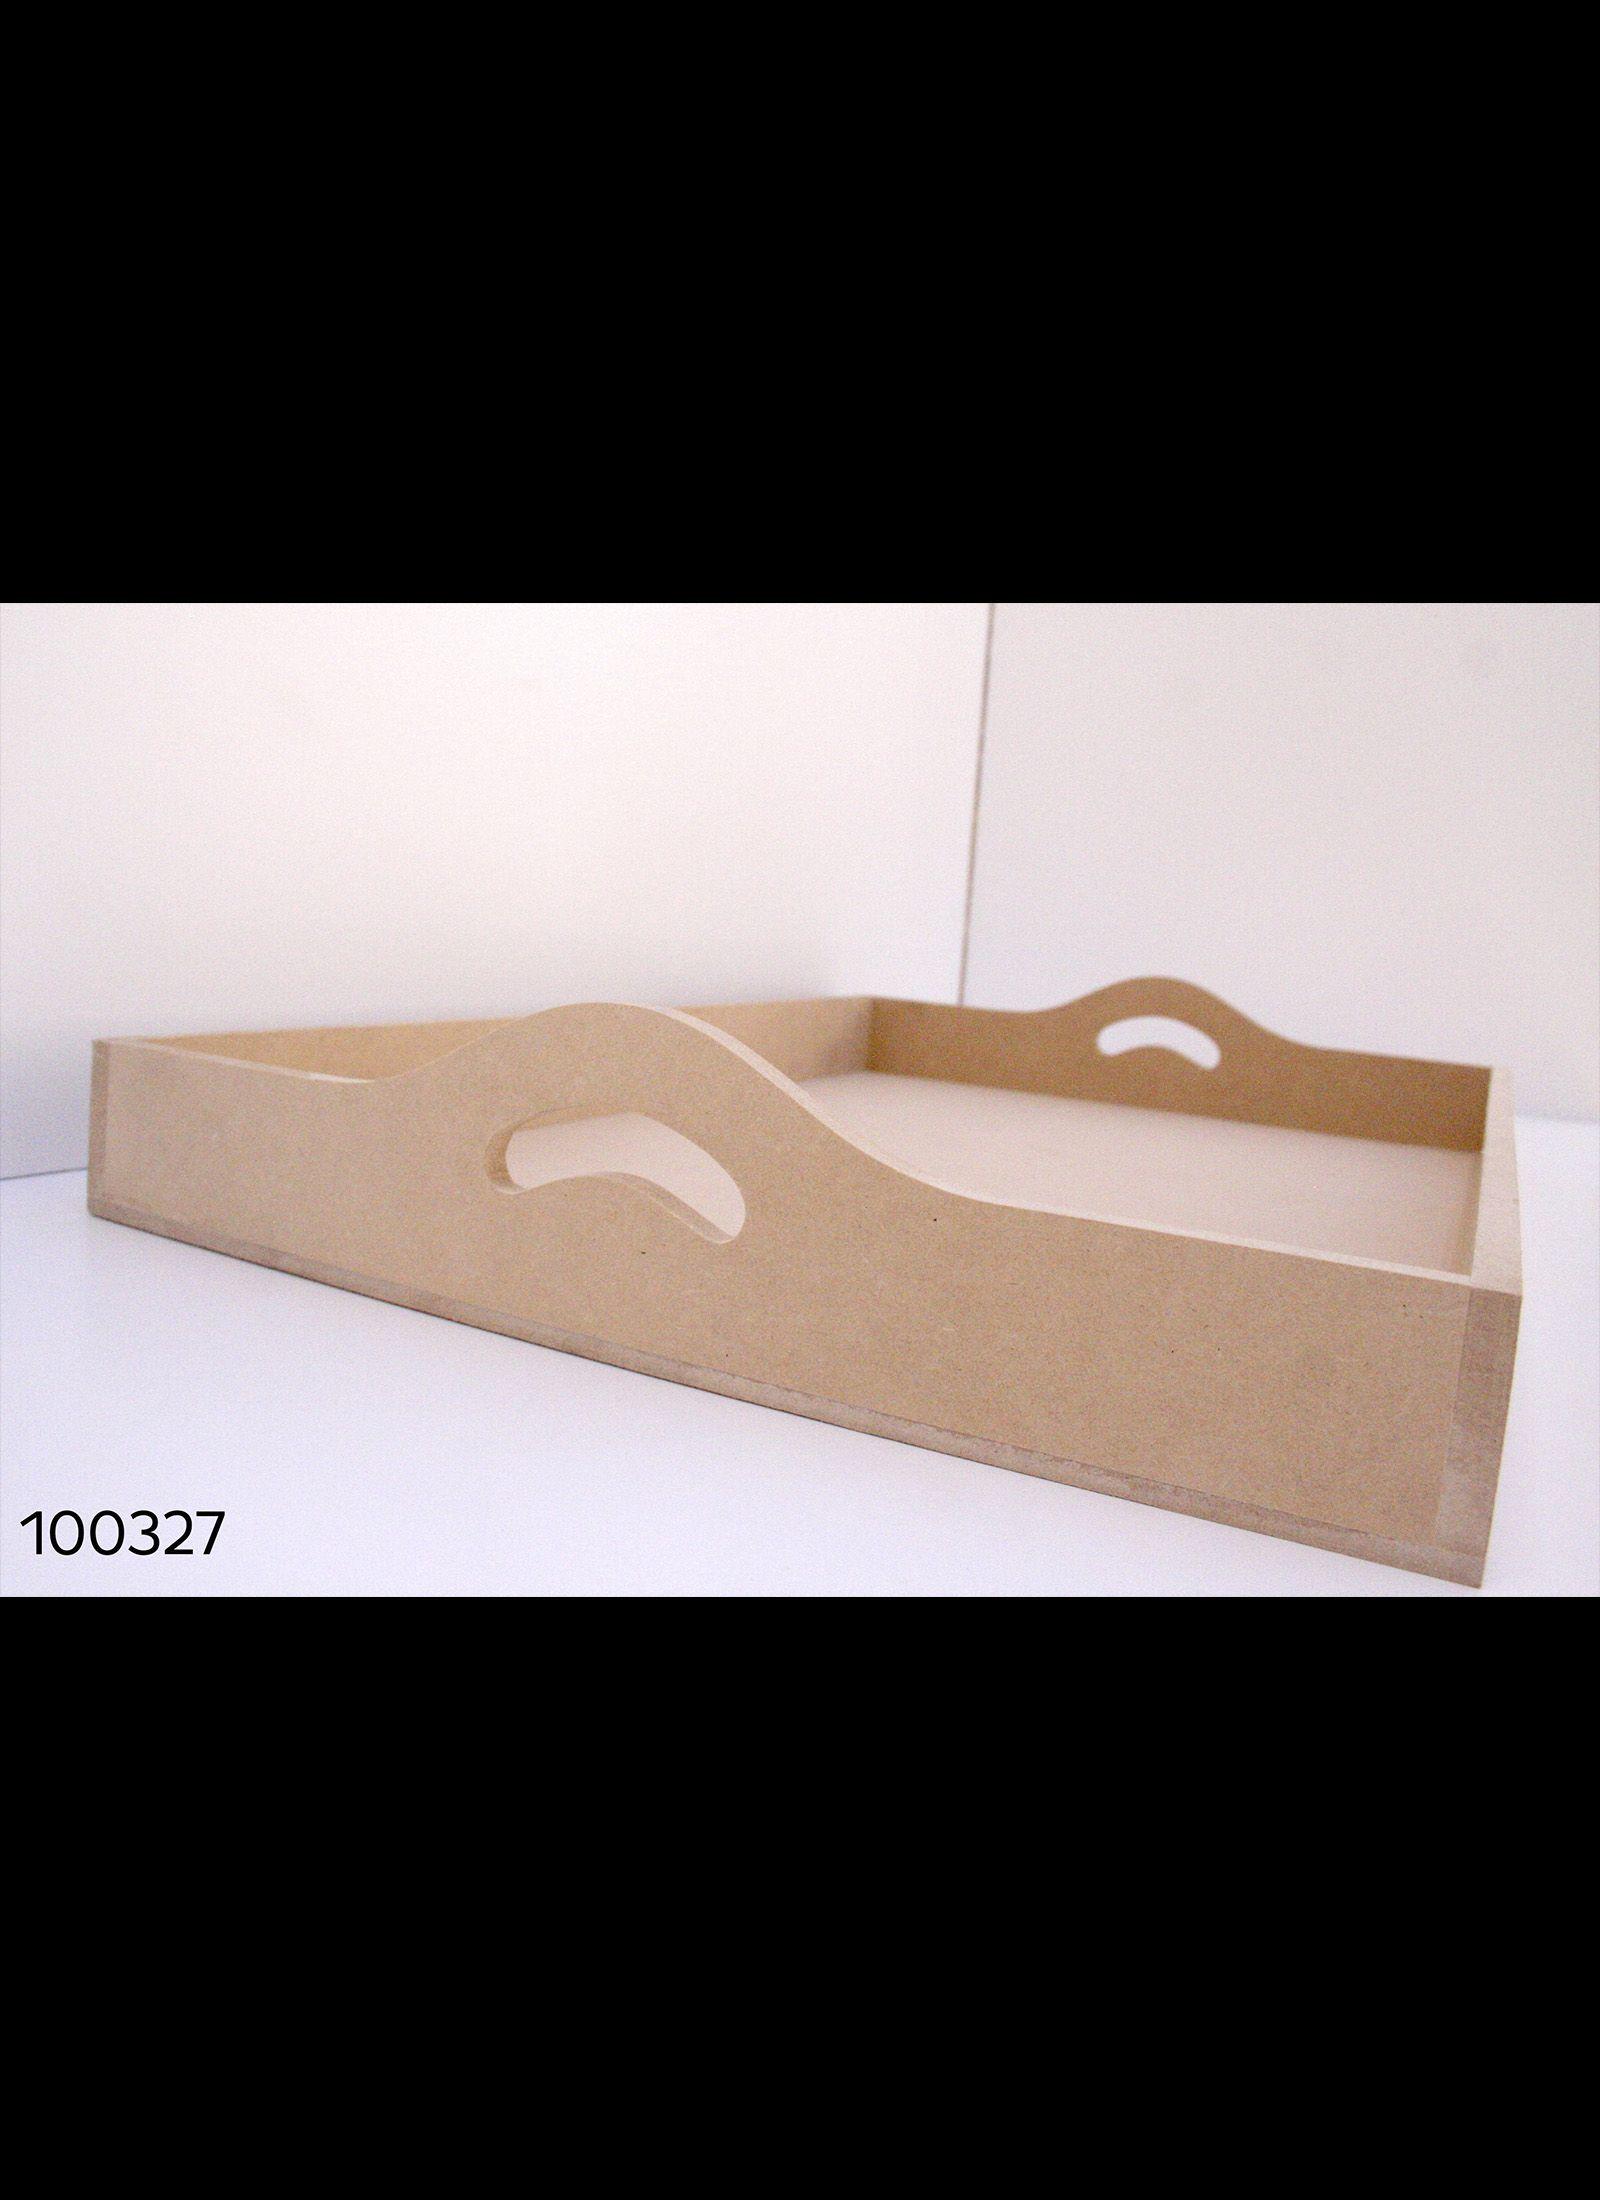 BANDEJA MDF BORDE RECTO 40 X 60cm. Espesor 9MM Cod. 100327